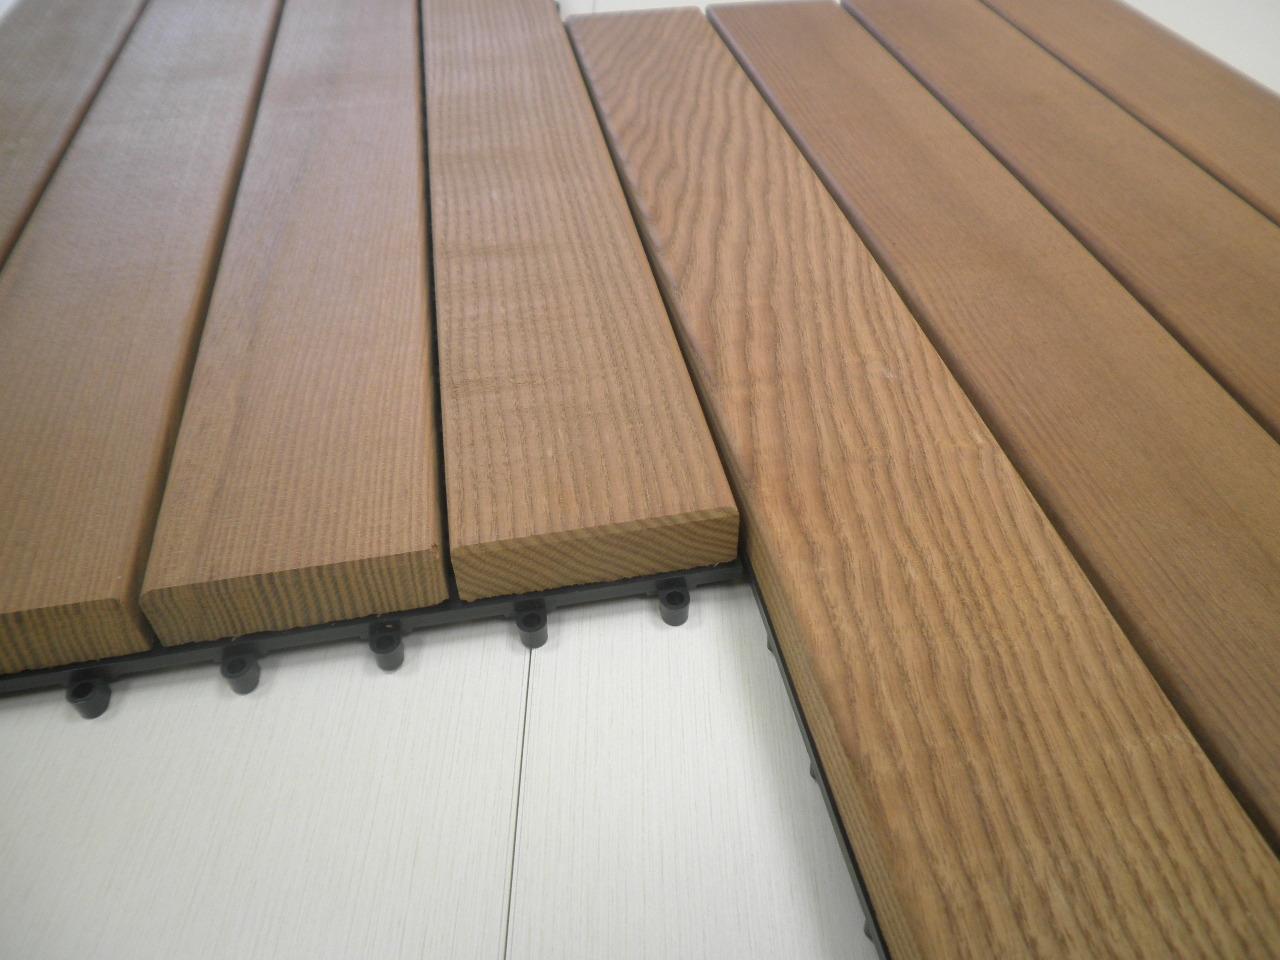 terrassenfliesen holz thermoesche parkett online shop timbertown. Black Bedroom Furniture Sets. Home Design Ideas